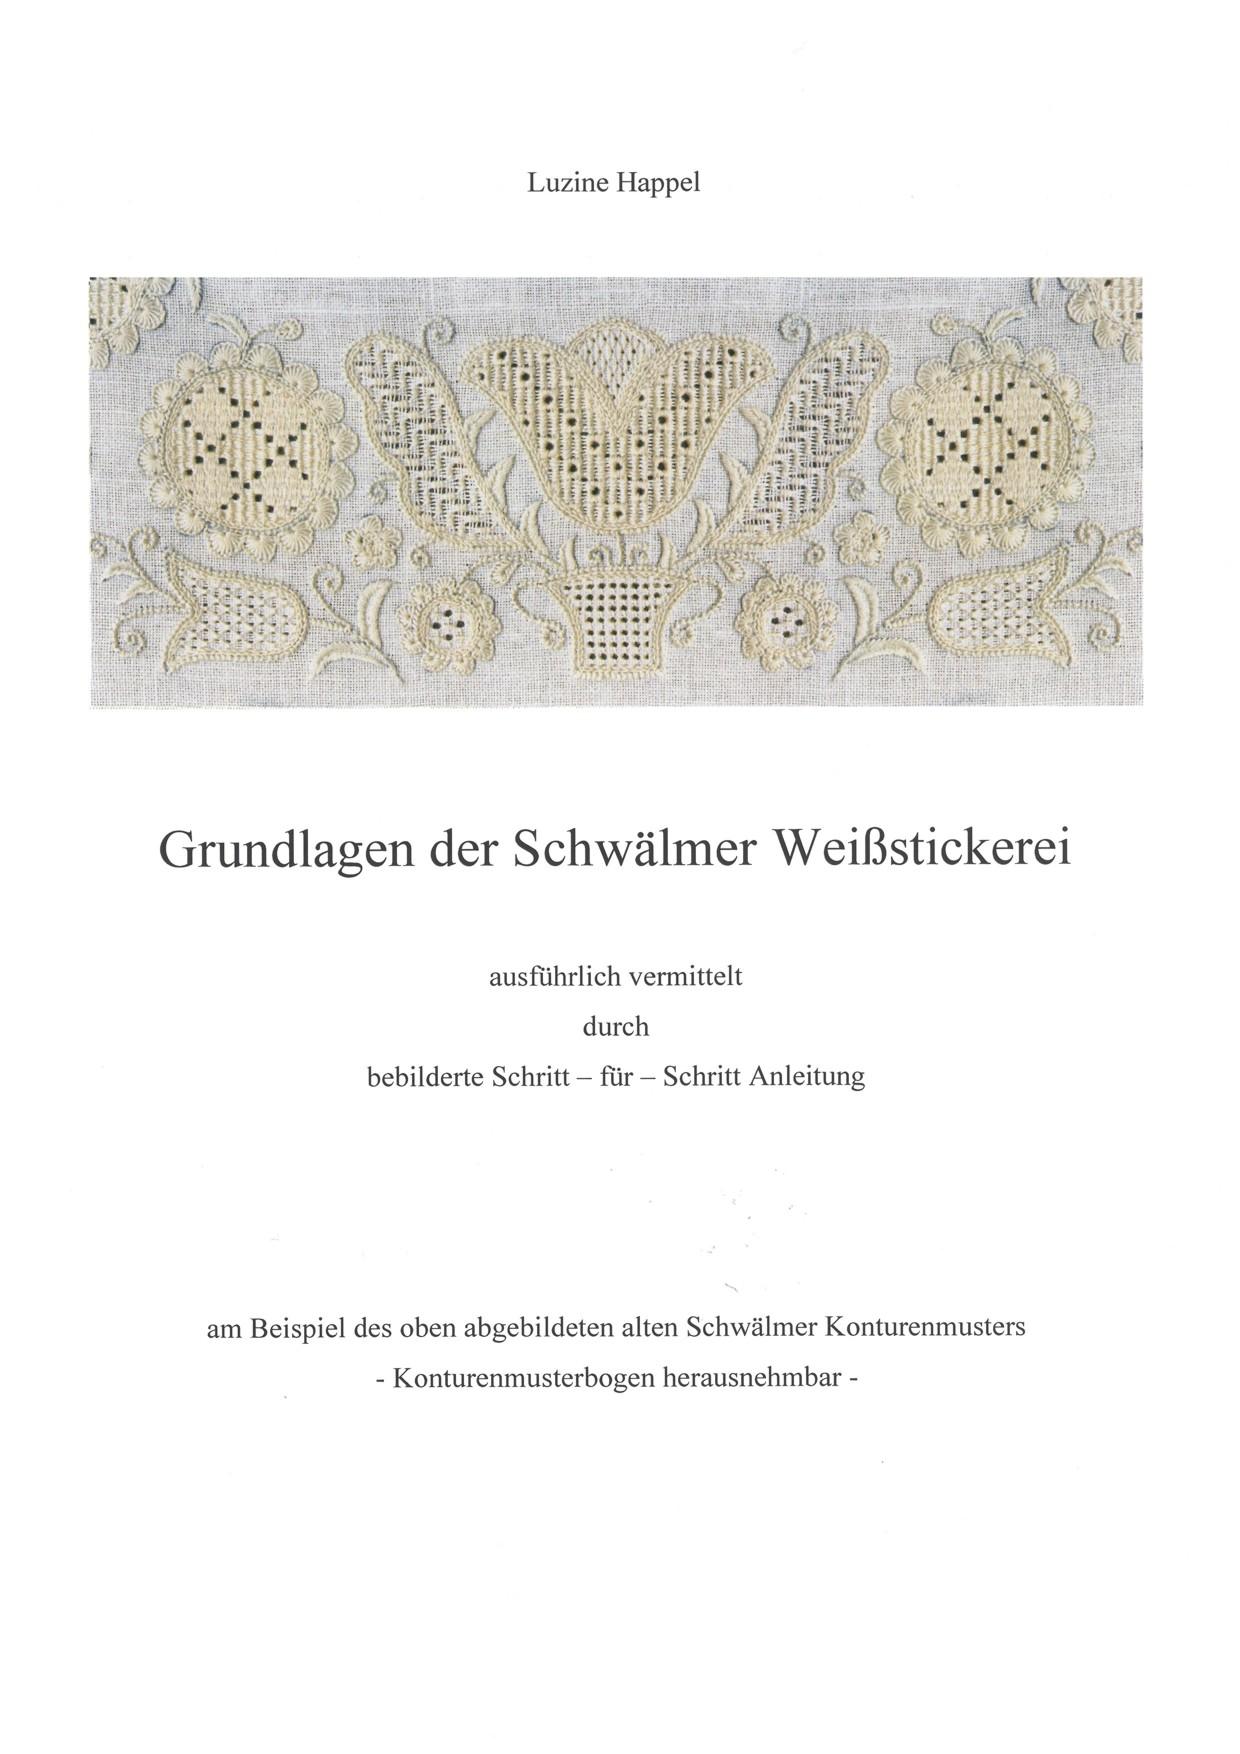 Grundlagen der Schwaelmer Weissstickerei 1 / 8